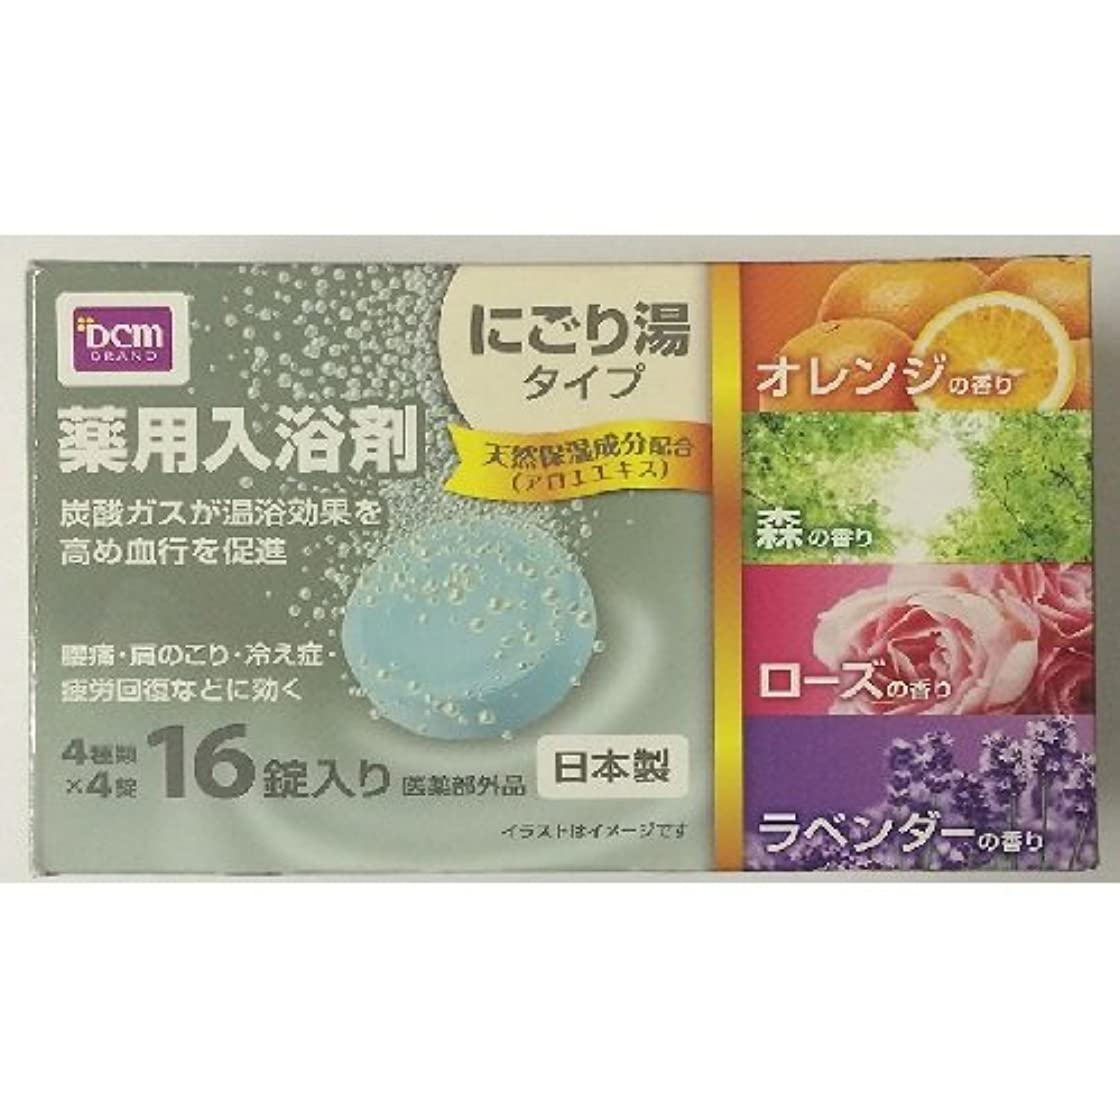 薬用発泡入浴剤 にごりタイプ16錠